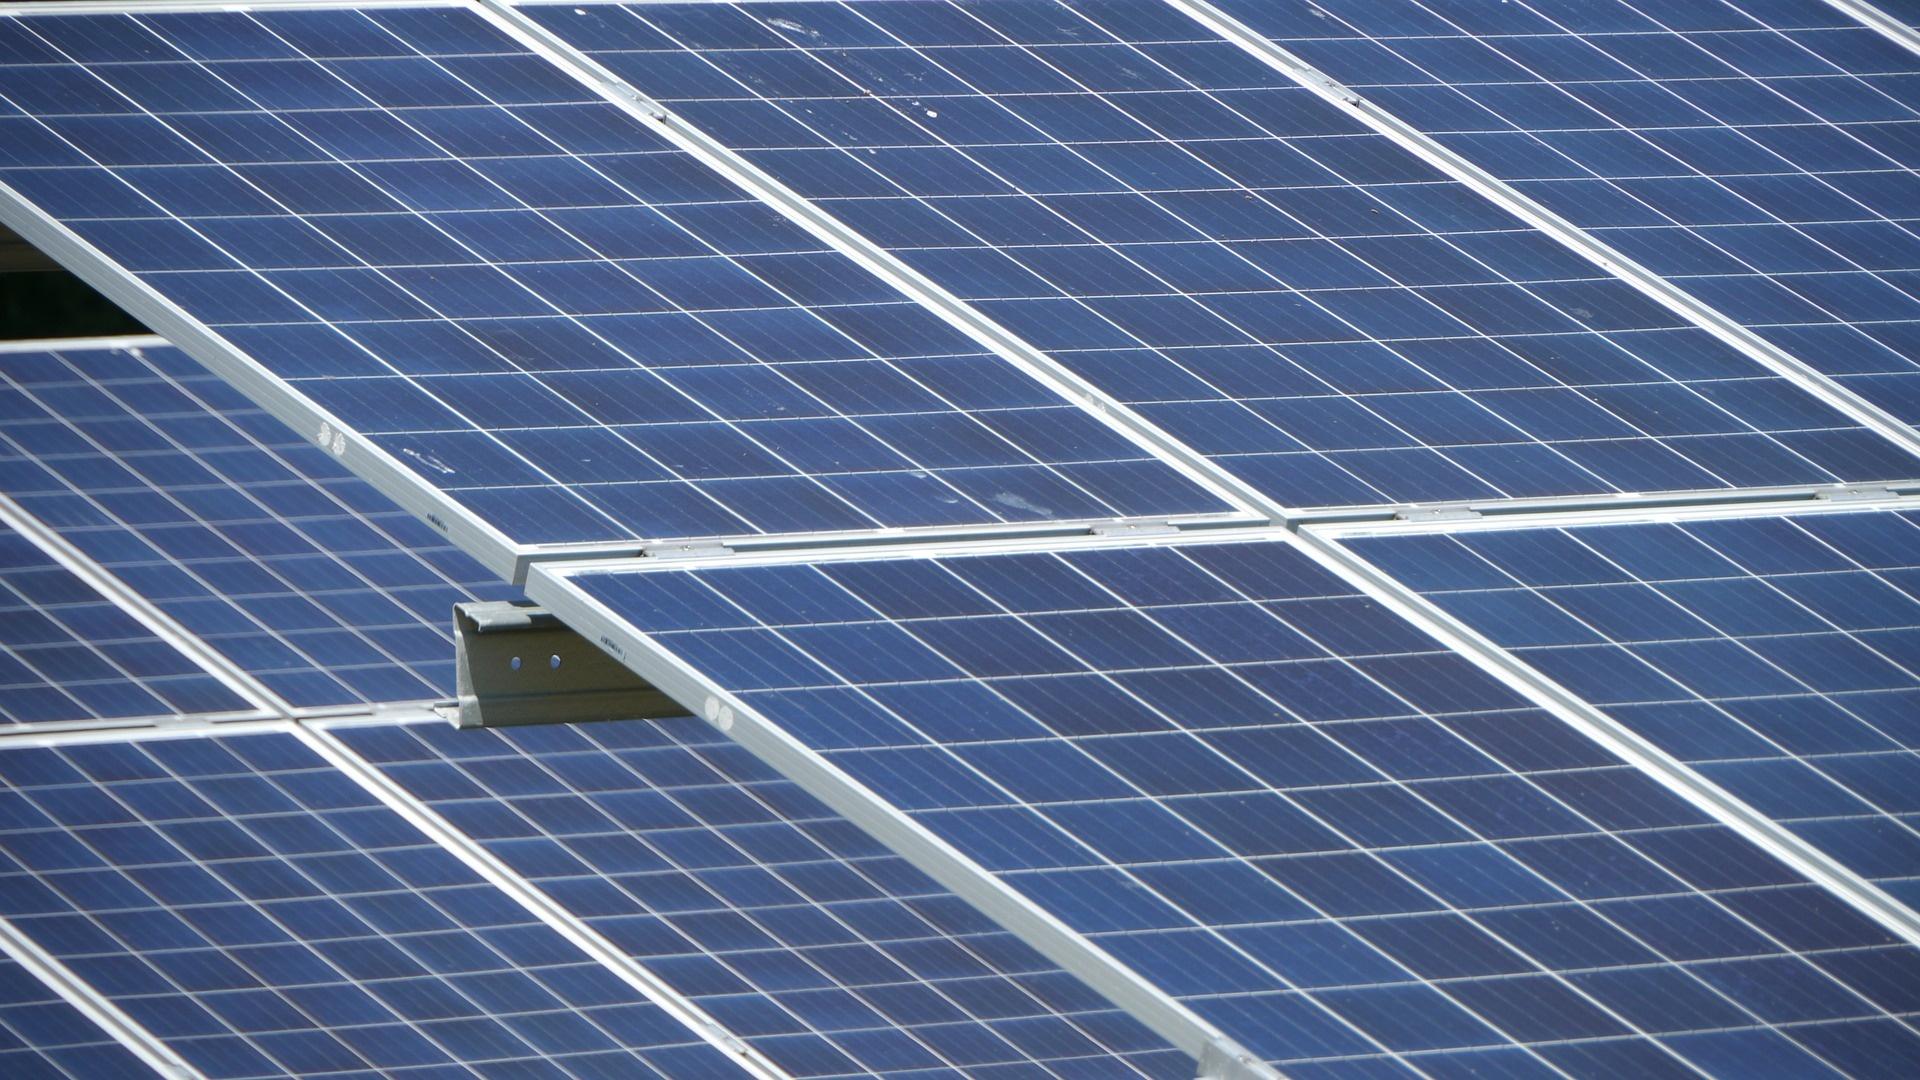 Solar Panels, Solar Power, YSG Solar